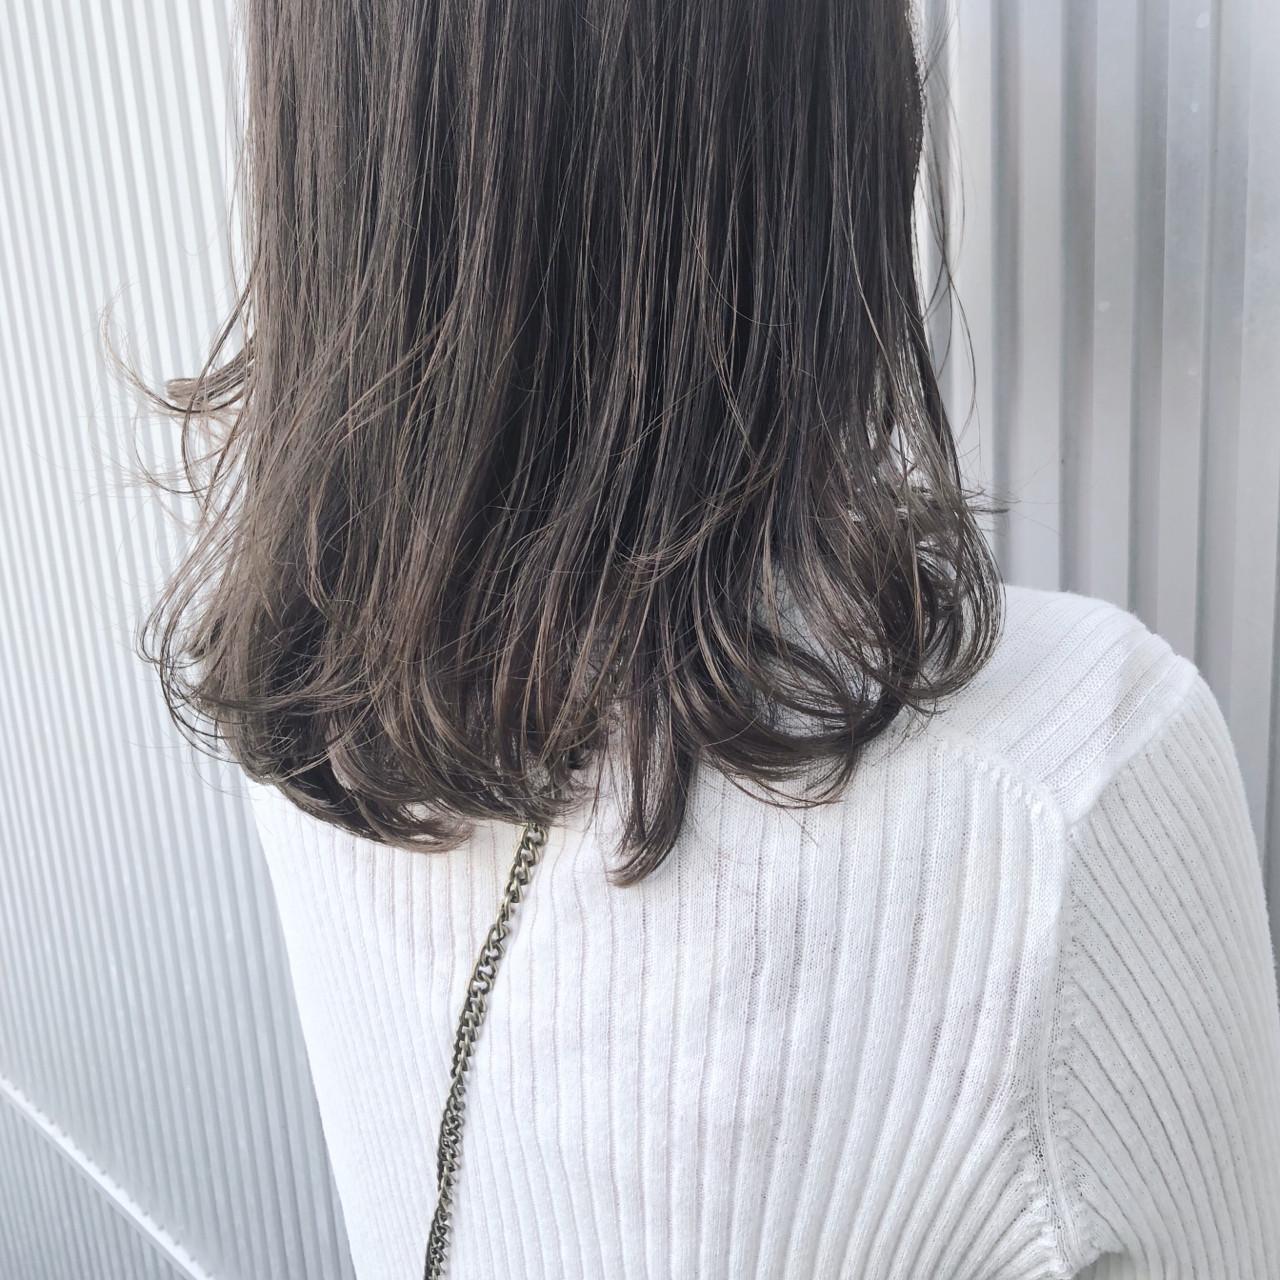 グレージュ エフォートレス 透明感 フェミニン ヘアスタイルや髪型の写真・画像